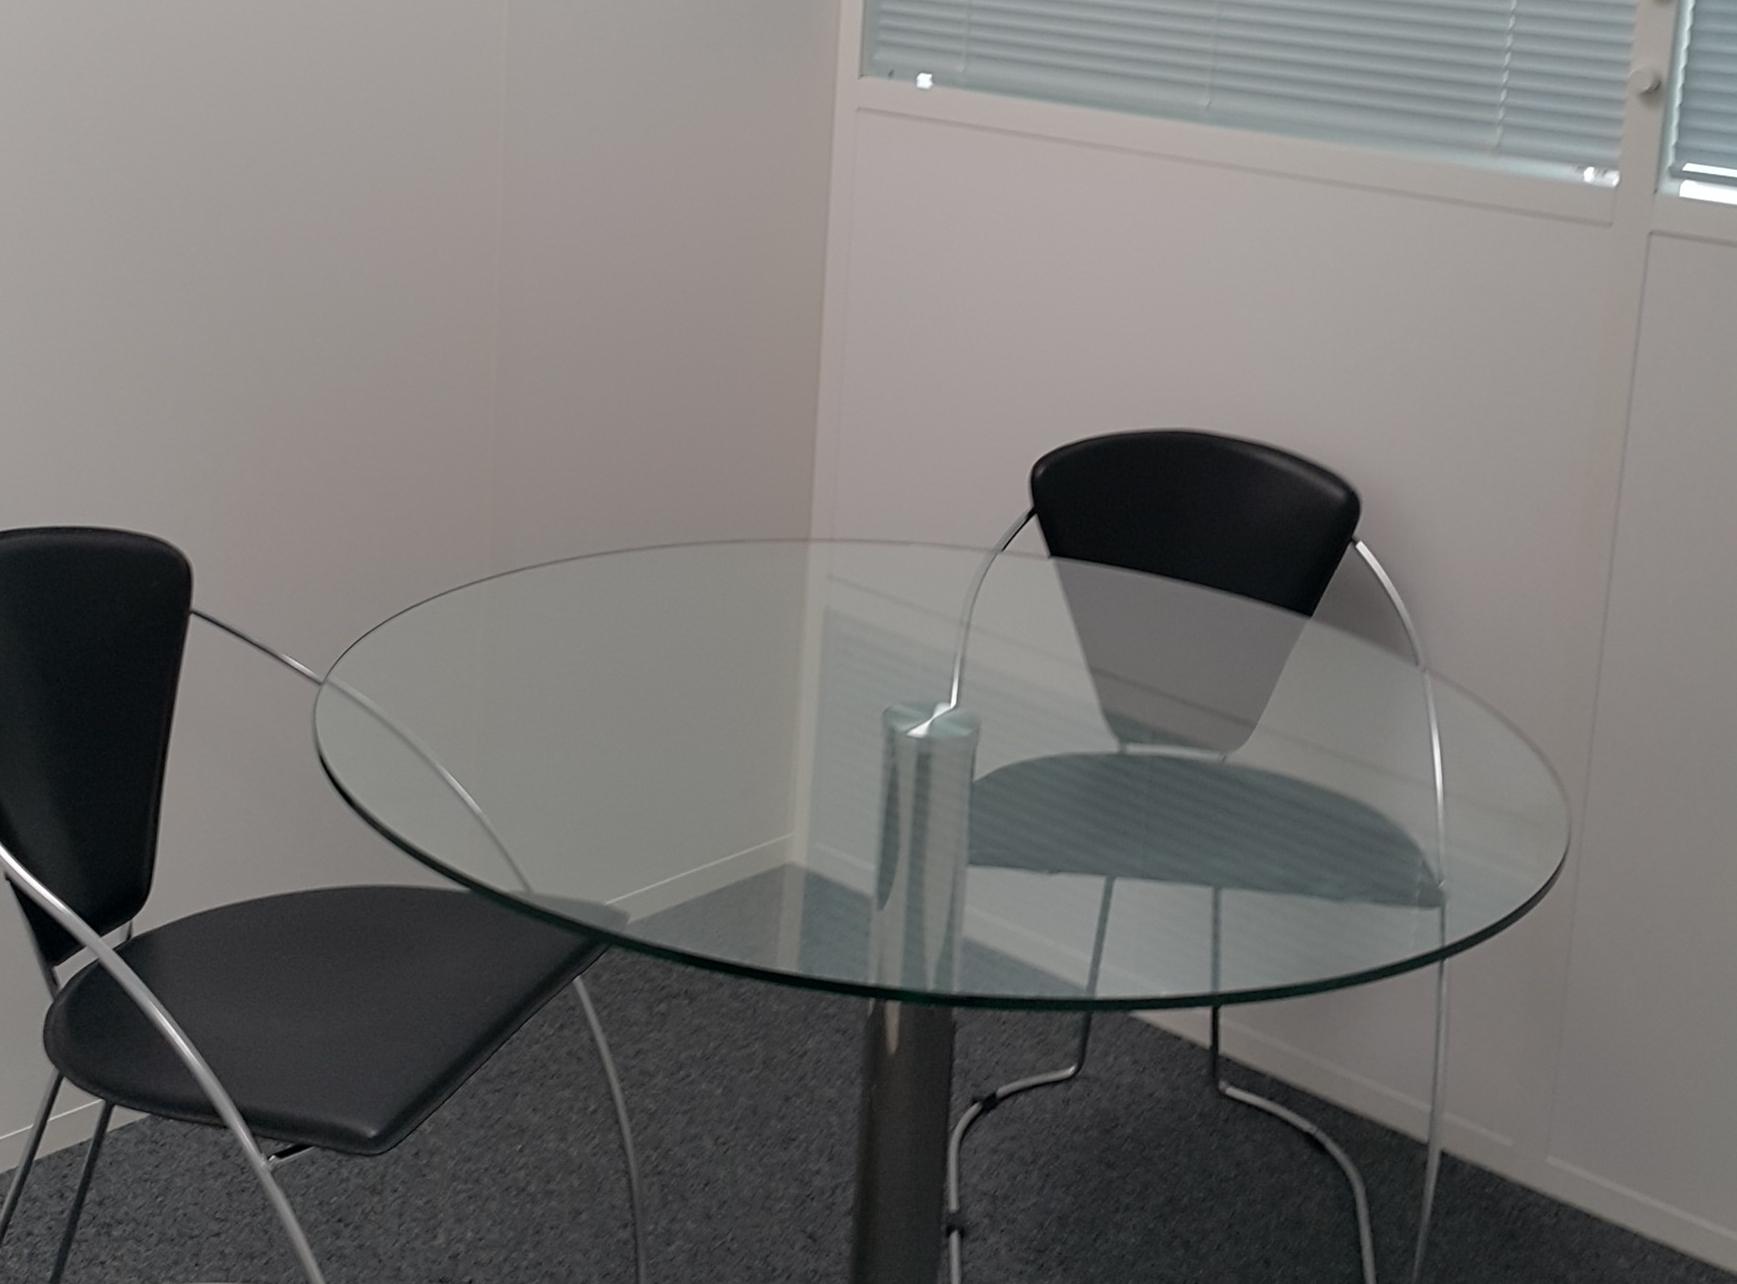 louer salle de r union pour entretiens professionnels boulogne billancourt. Black Bedroom Furniture Sets. Home Design Ideas